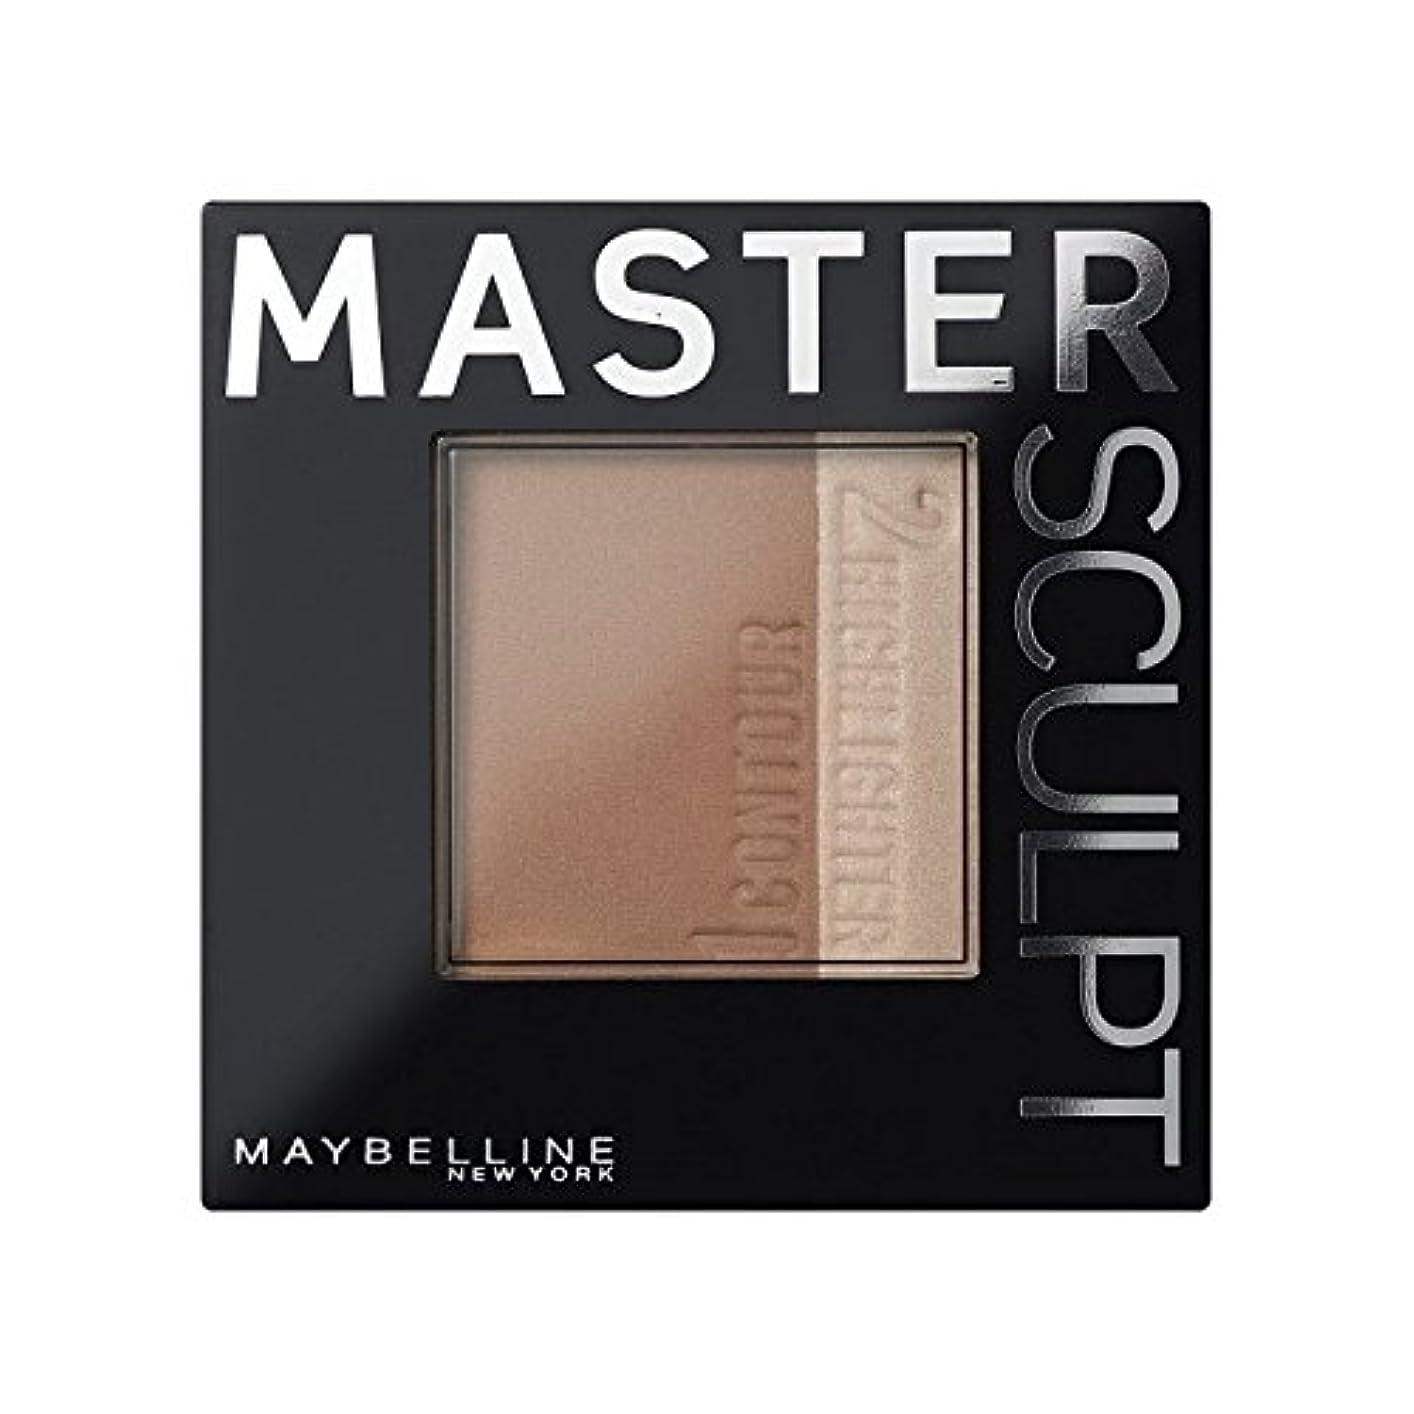 弾薬学者シチリアメイベリンマスタースカルプト基盤02の /暗い輪郭 x4 - Maybelline Master Sculpt Contouring Foundation 02 Med/Dark (Pack of 4) [並行輸入品]